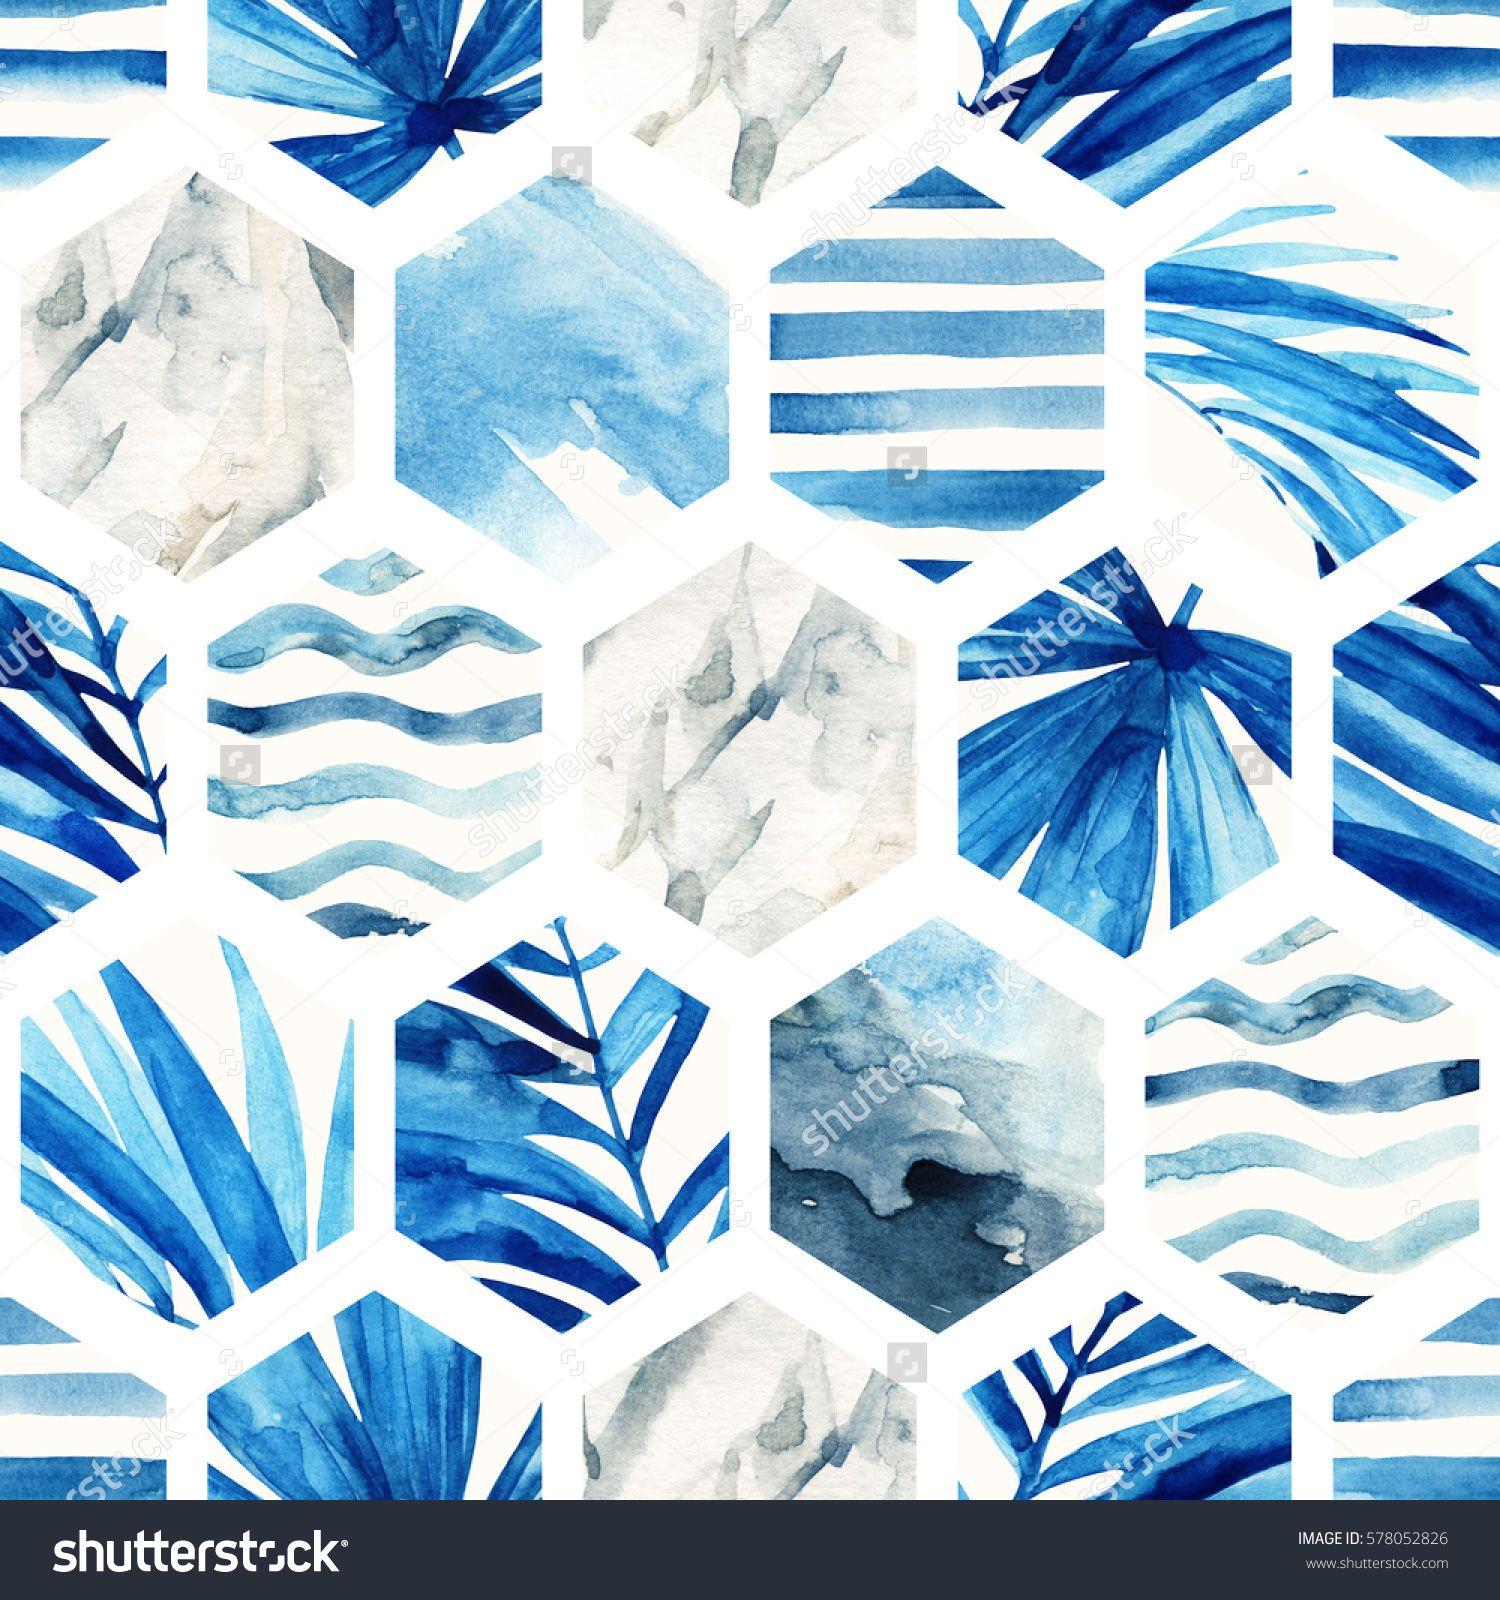 Good Wallpaper Marble Watercolor - f537efc3636f211a338dc940ec483f97  You Should Have_152780.jpg